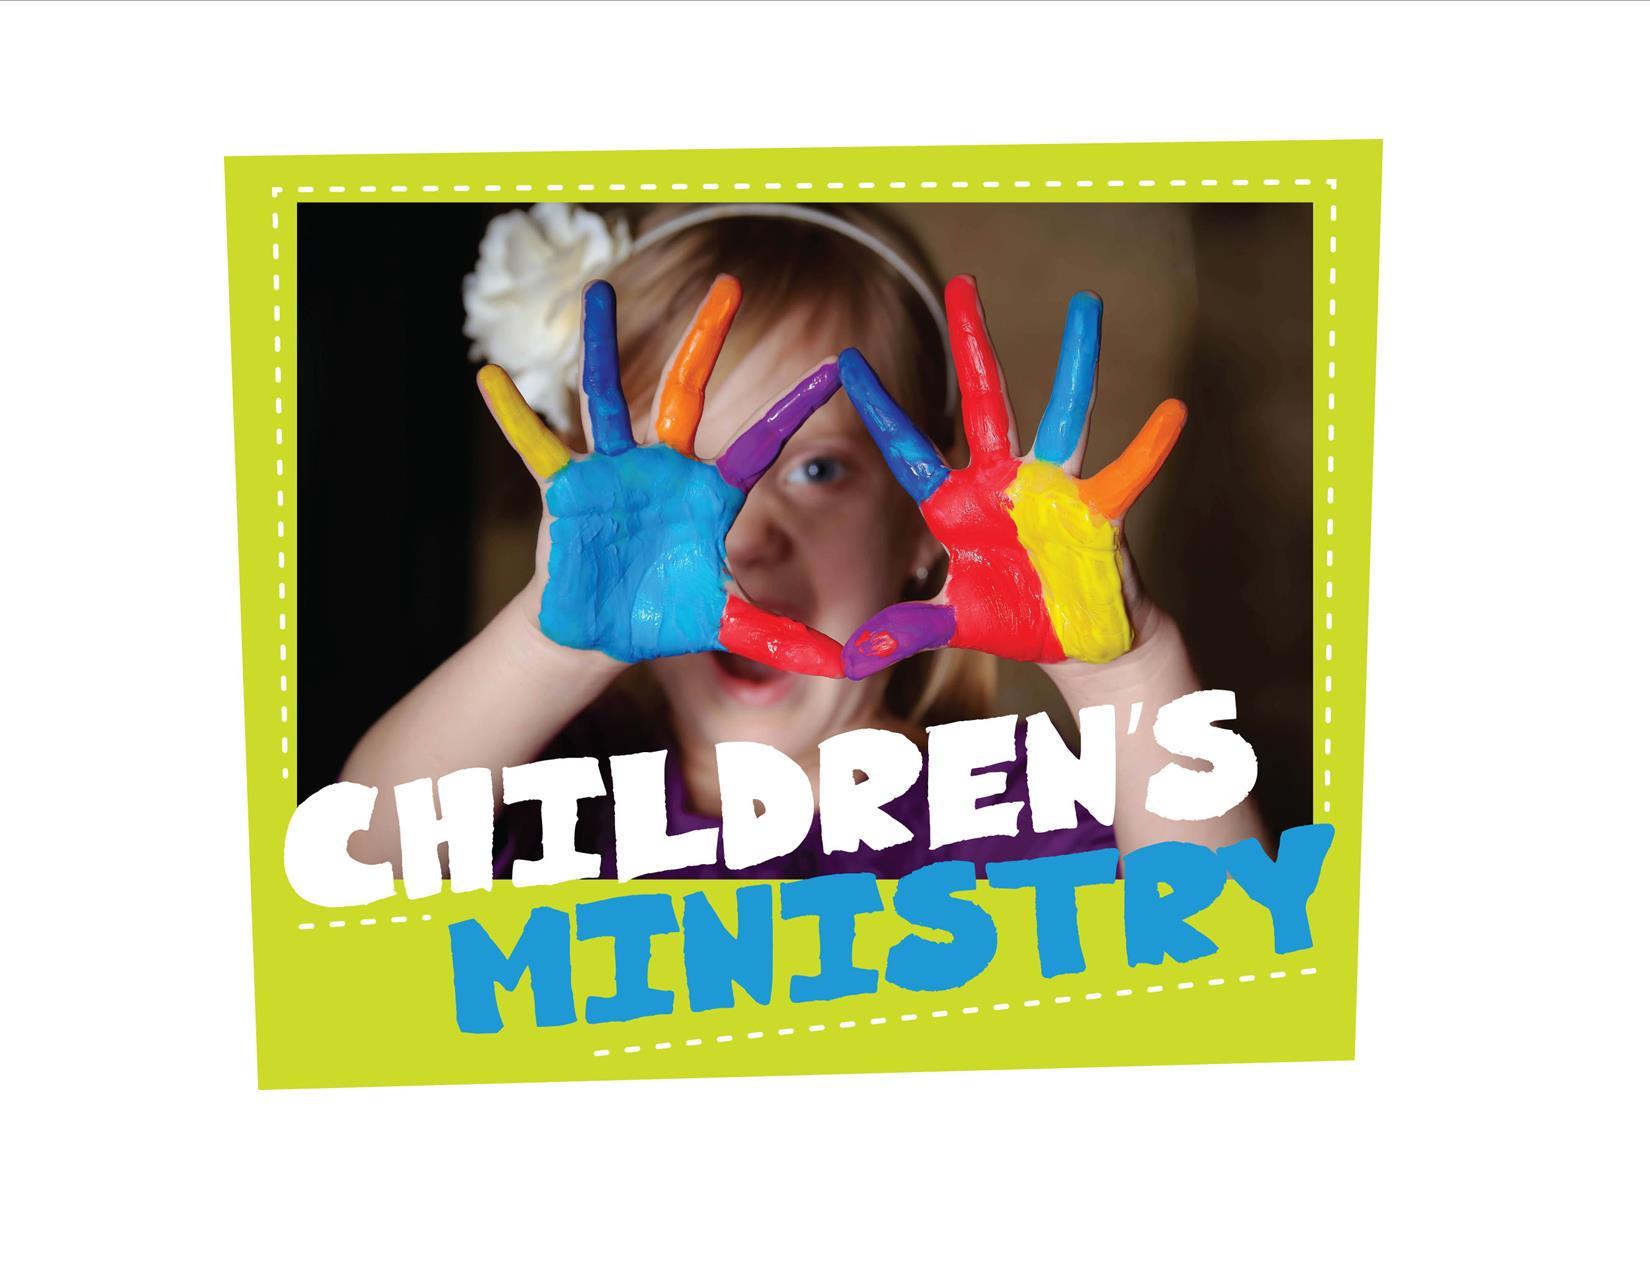 Children s ministry logo